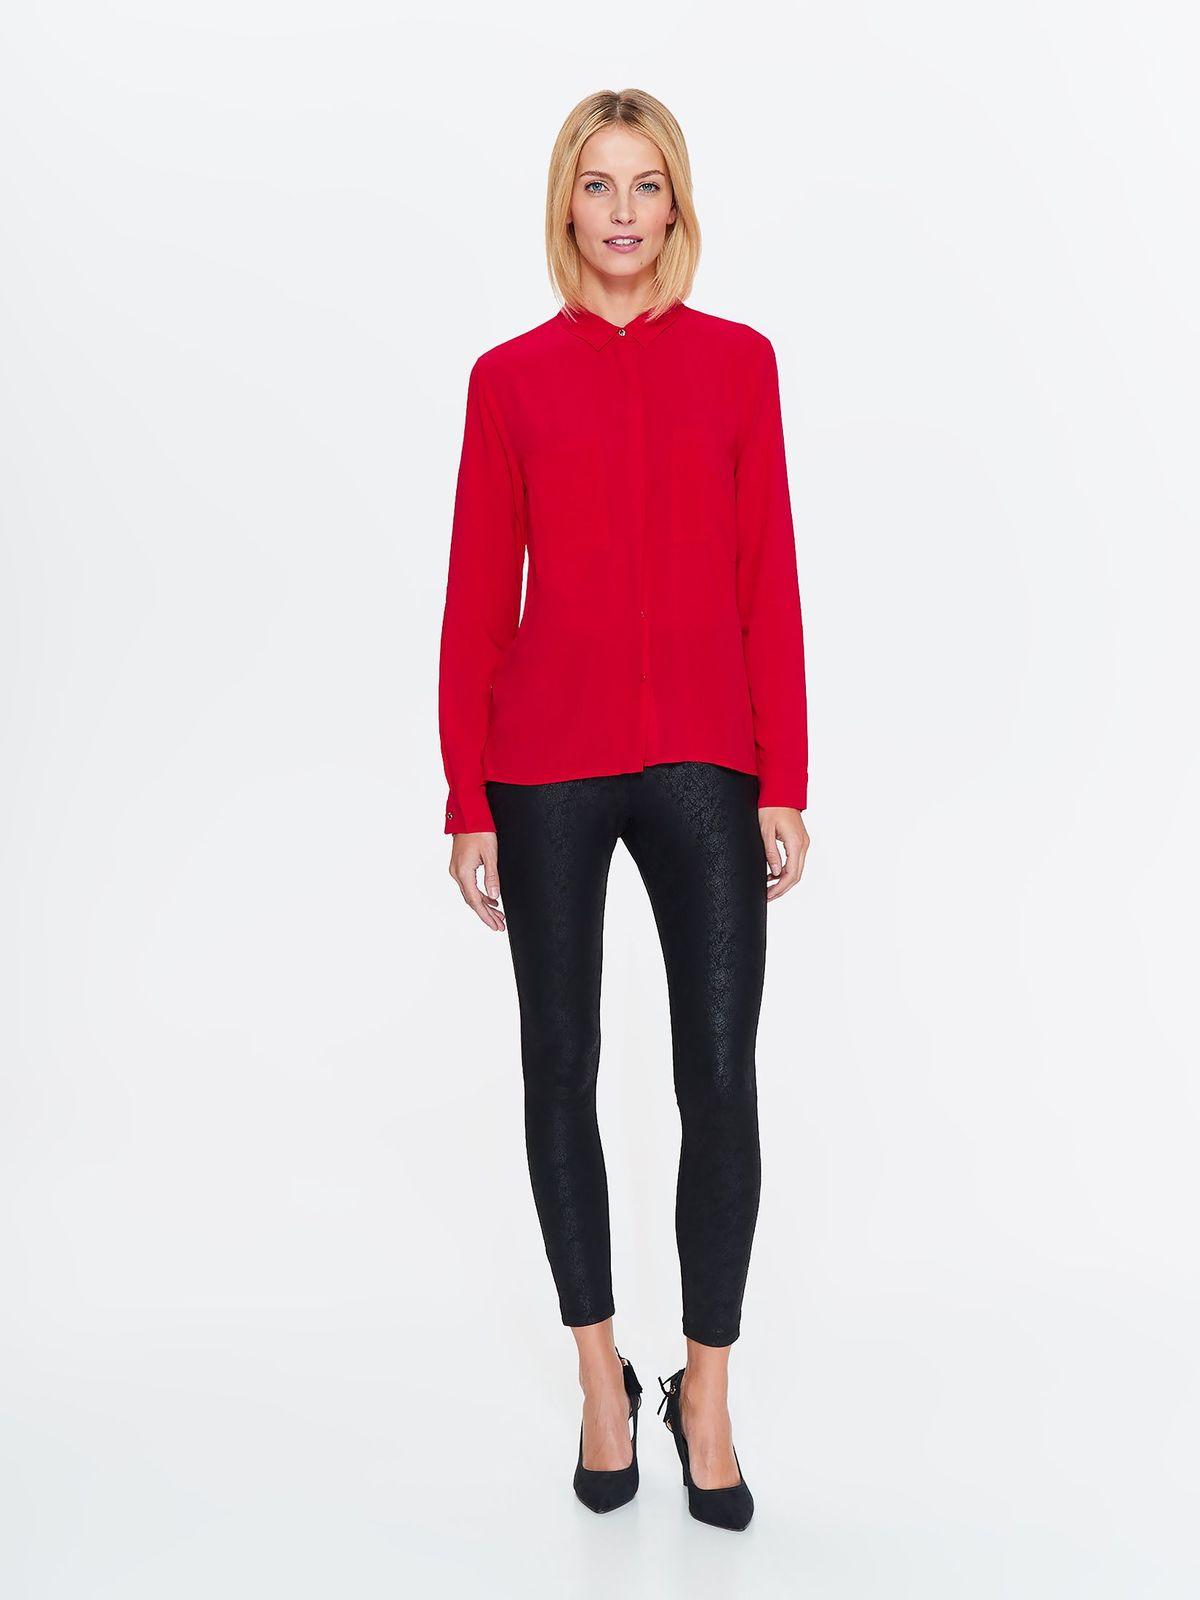 Рубашка женская Top Secret, цвет: красный. SKL2526CE. Размер 34 (42)SKL2526CE